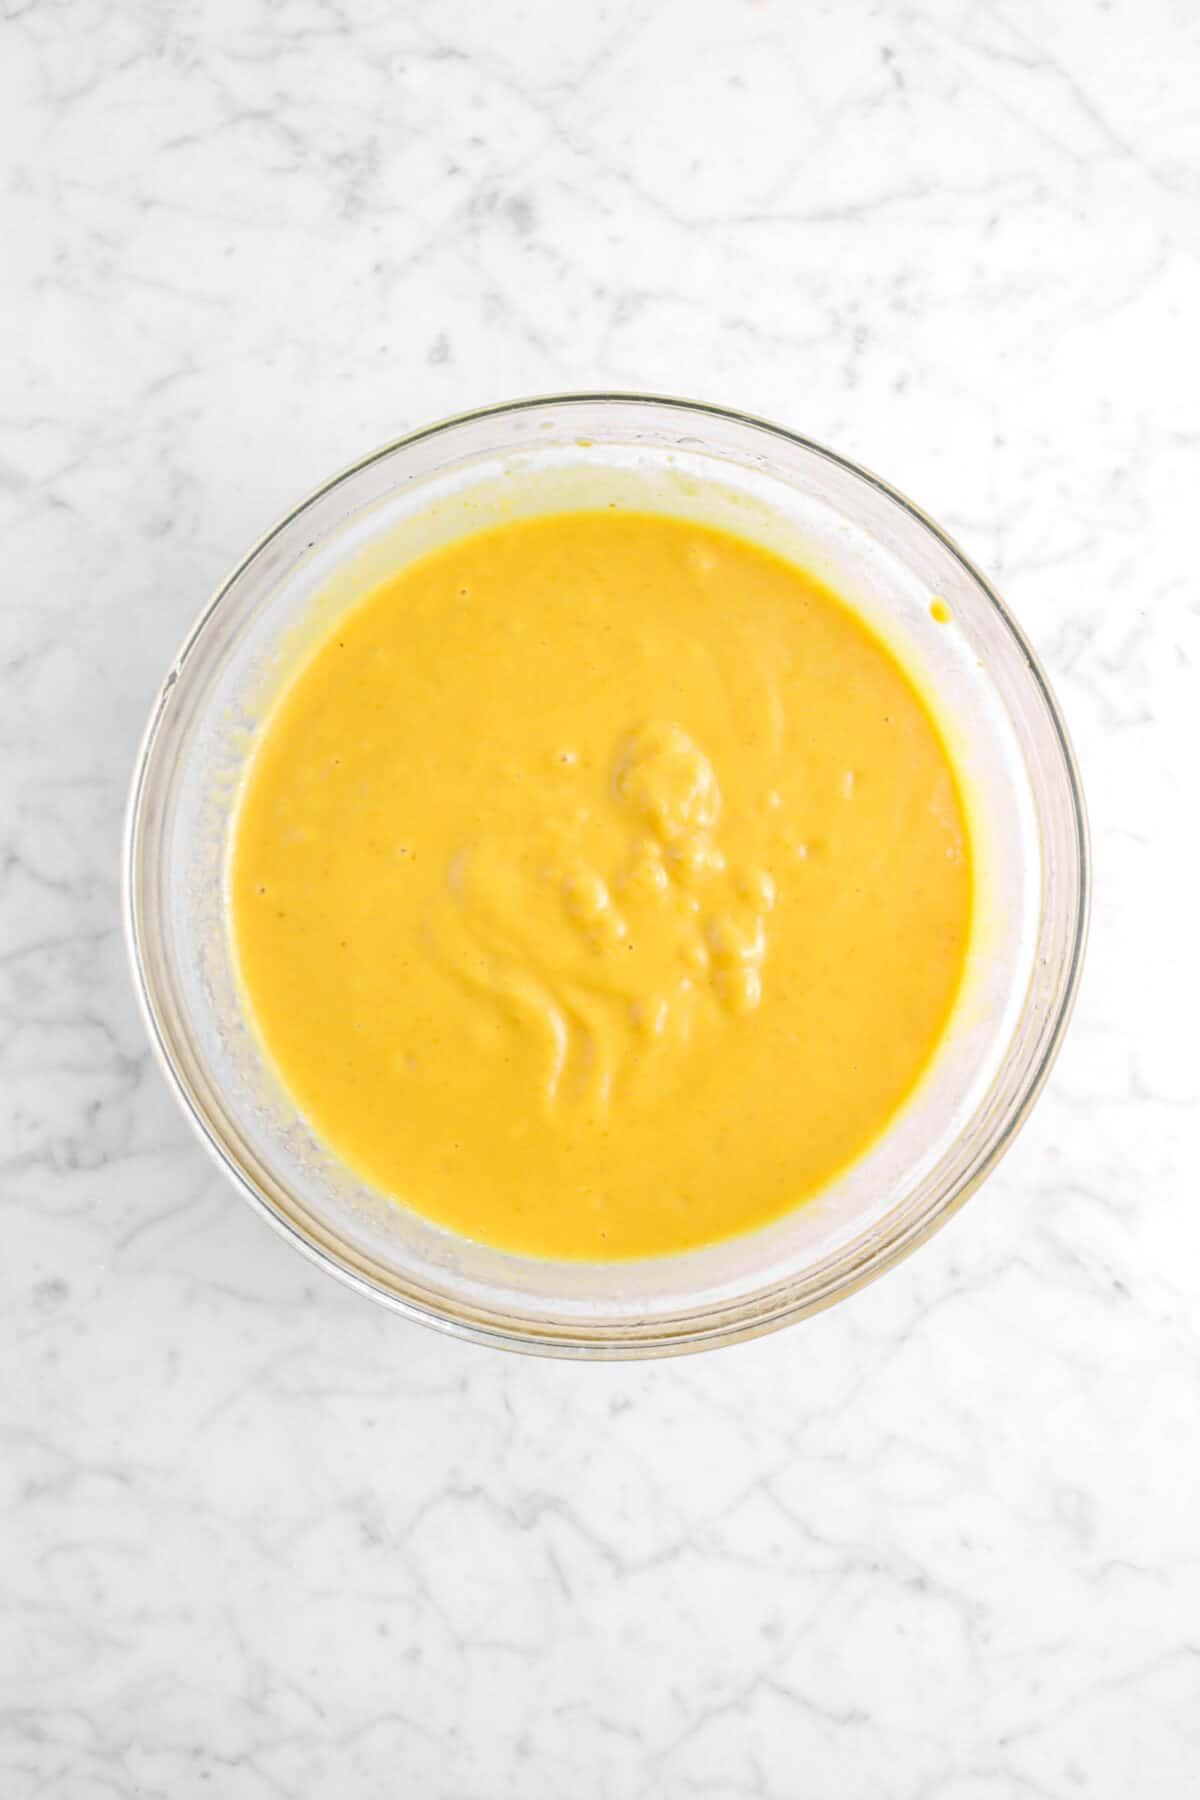 milk stirred into pumpkin mixture